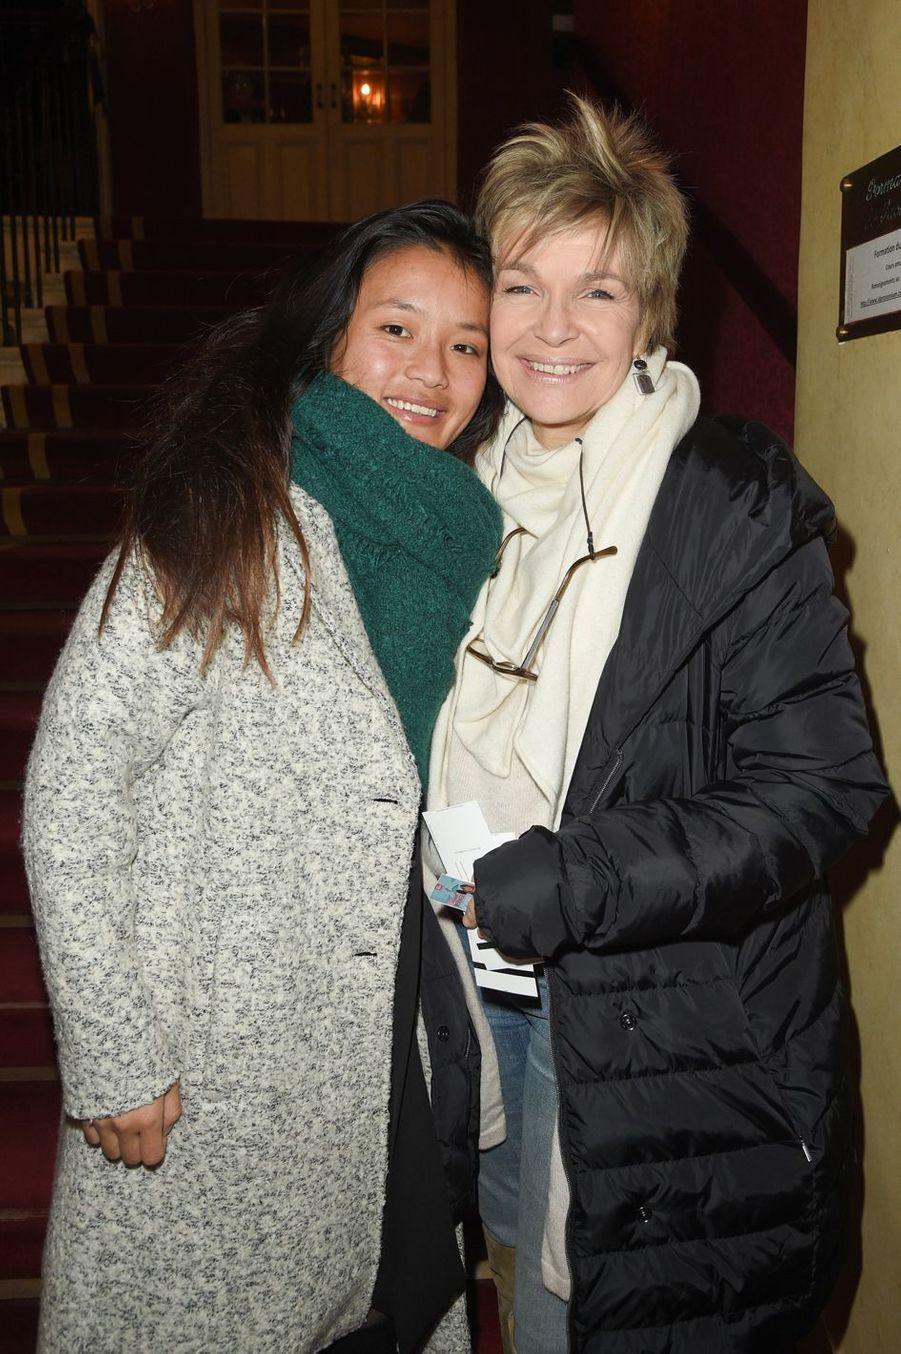 Véronique Jannot et sa fille Migmar (21 ans). Orpheline tibétaine, la jeune fille a été adoptée en Inde après quel'actrice l'a parrainée via son association Graines d'avenir.